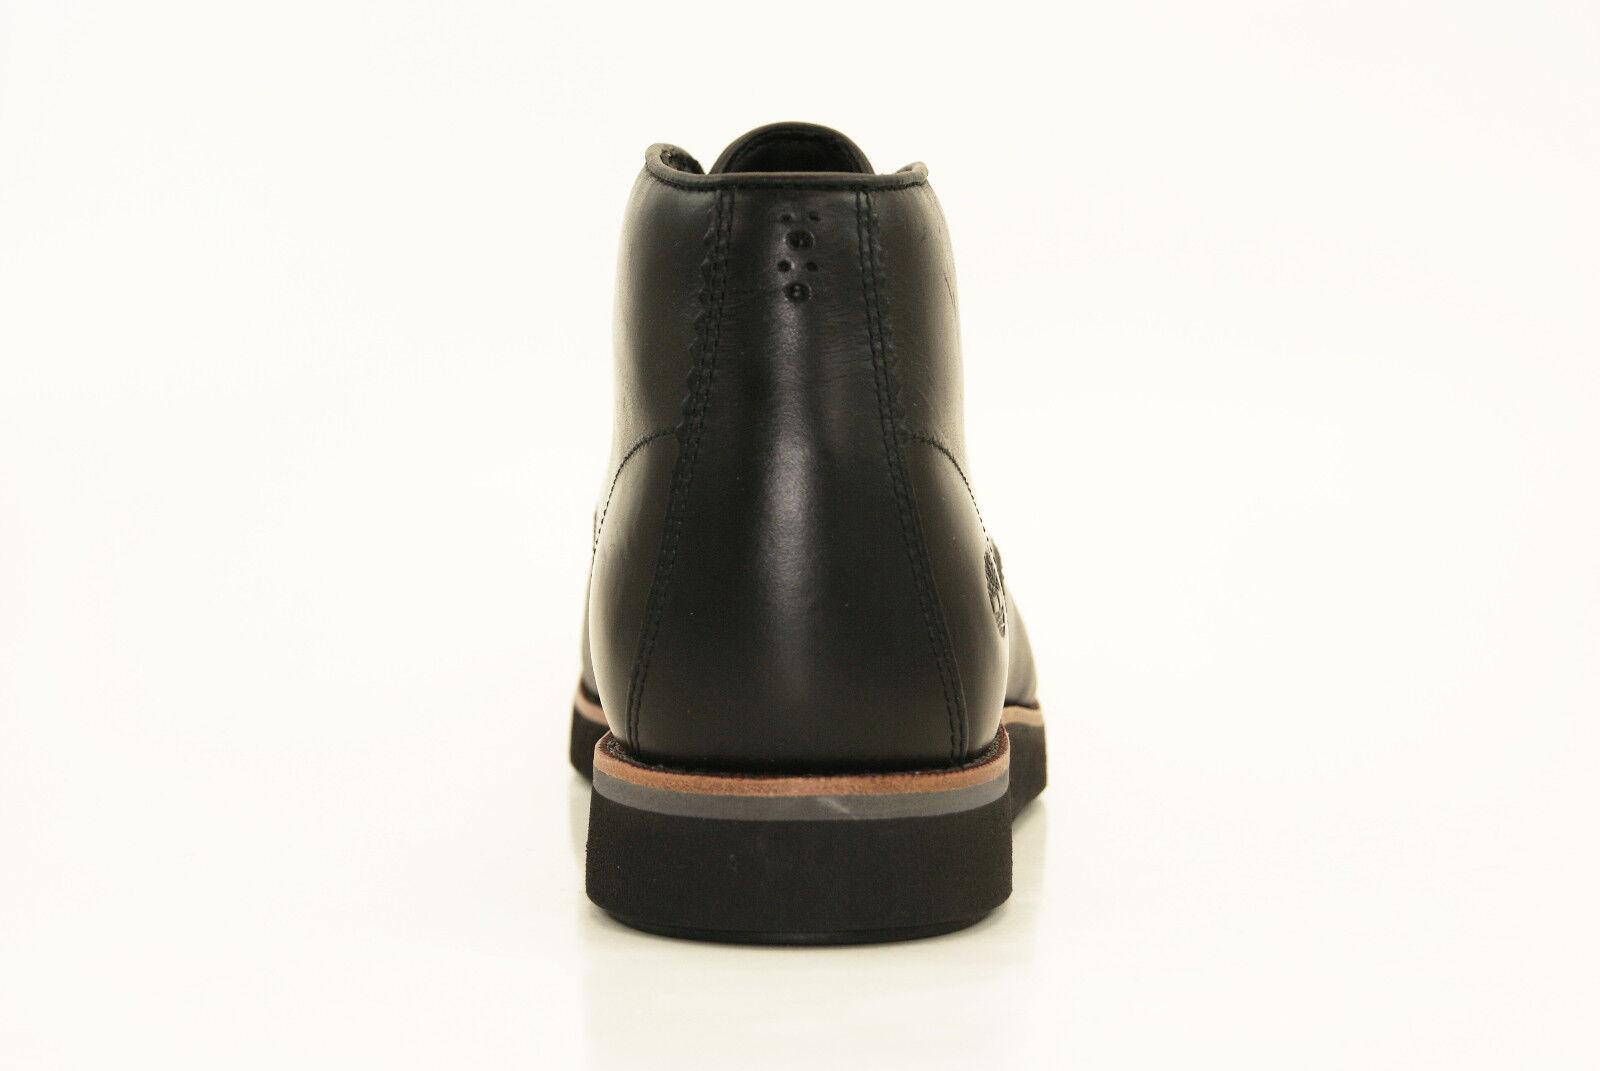 Timberland Preston Preston Preston Hill Chukka Stivali Stivaletti Uomo Marronei a16s9 | Elegante Nello Stile  | Sig/Sig Ra Scarpa  d892ba